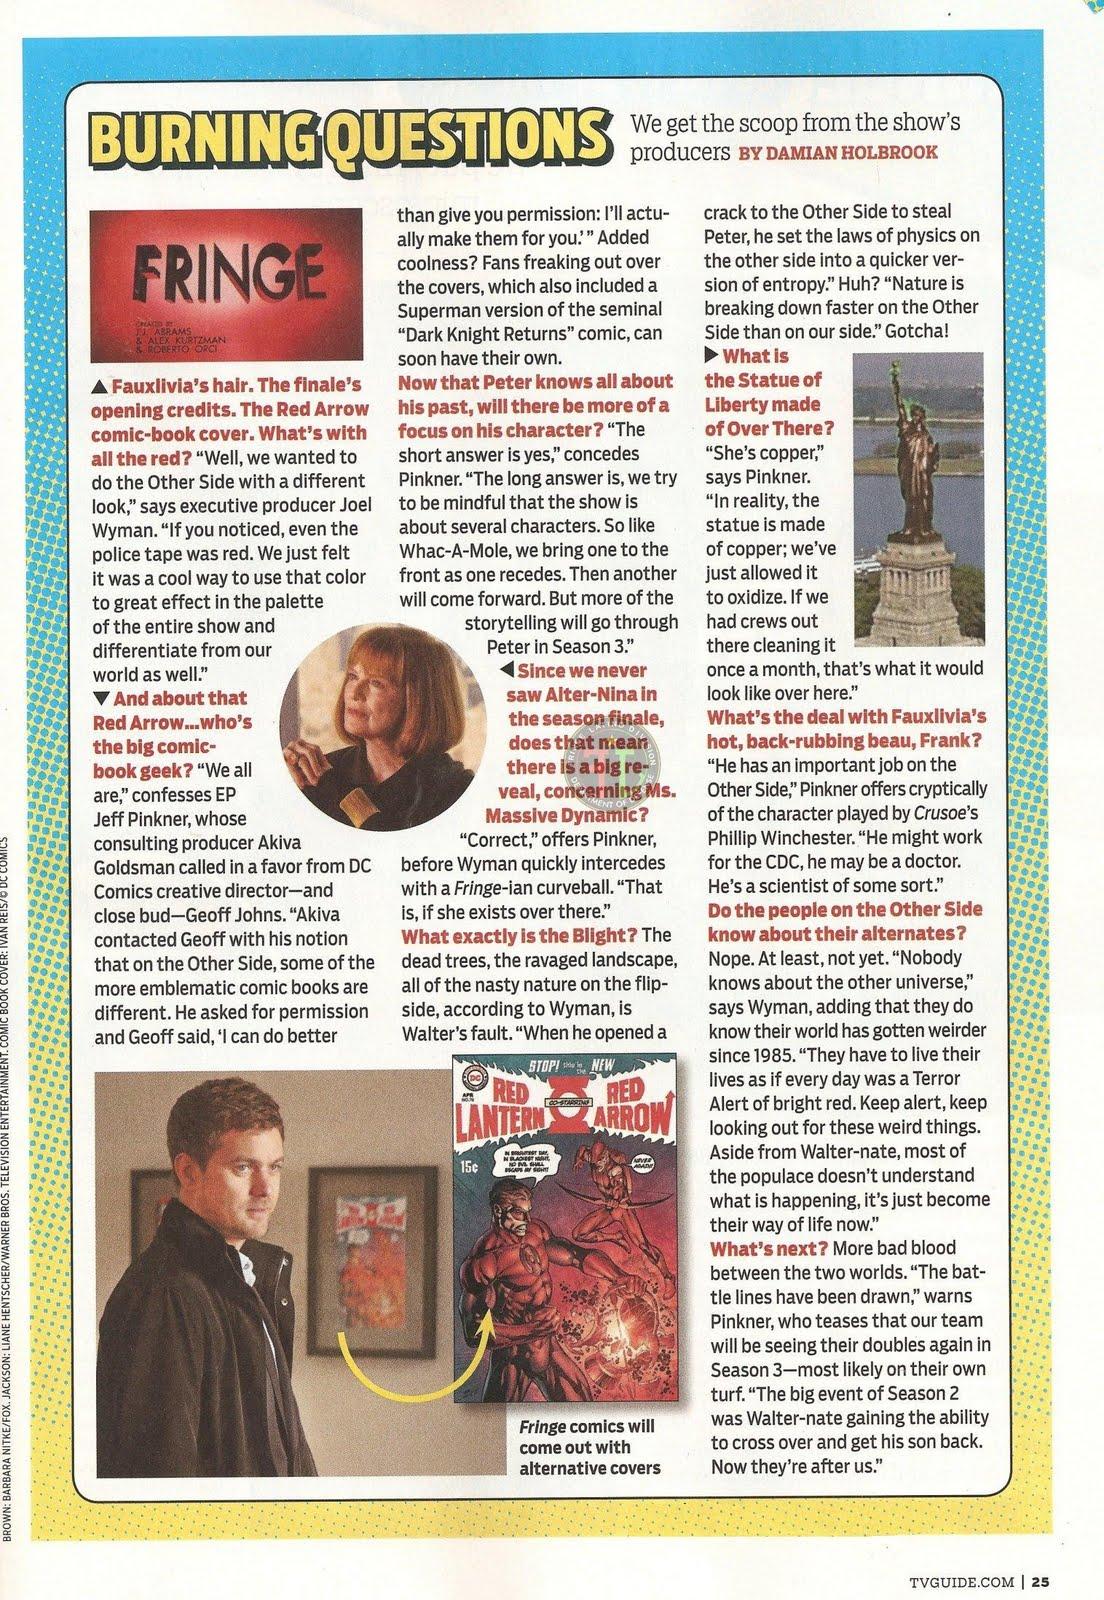 Fringe images joshua jackson and anna torv tv guide magazine.